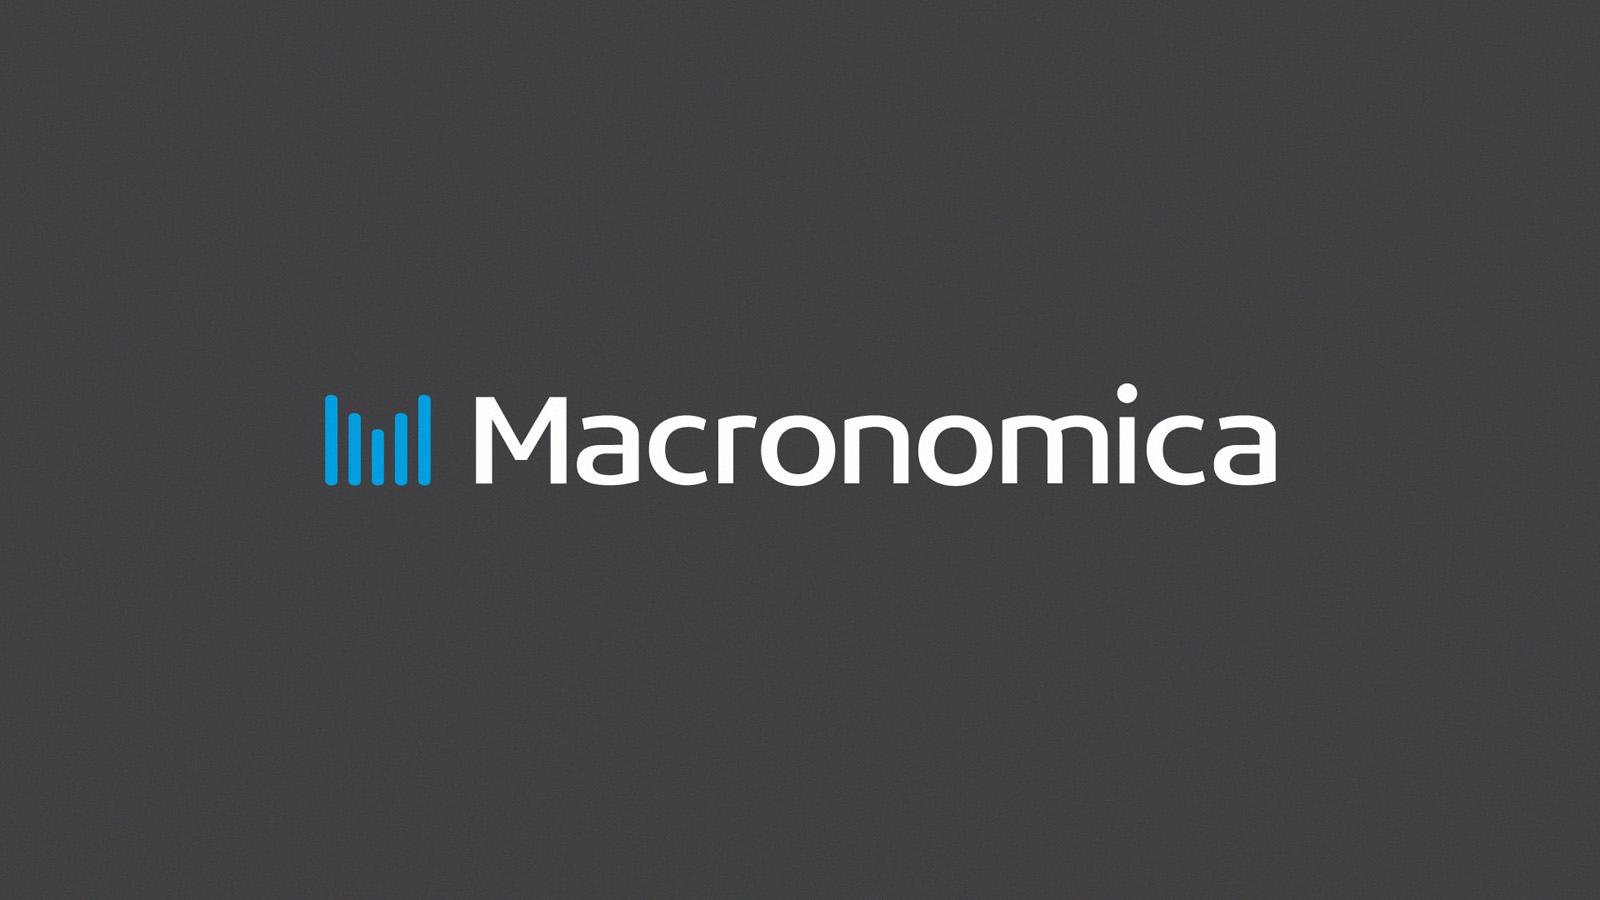 Брендинговое агентство Brandexpert «Остров Свободы» разработало бренд глобальной системы поиска российских производителей MACRONOMICA: нейминг, позиционирование бренда, дизайн логотипа, фирменный стиль, разработка сайта.